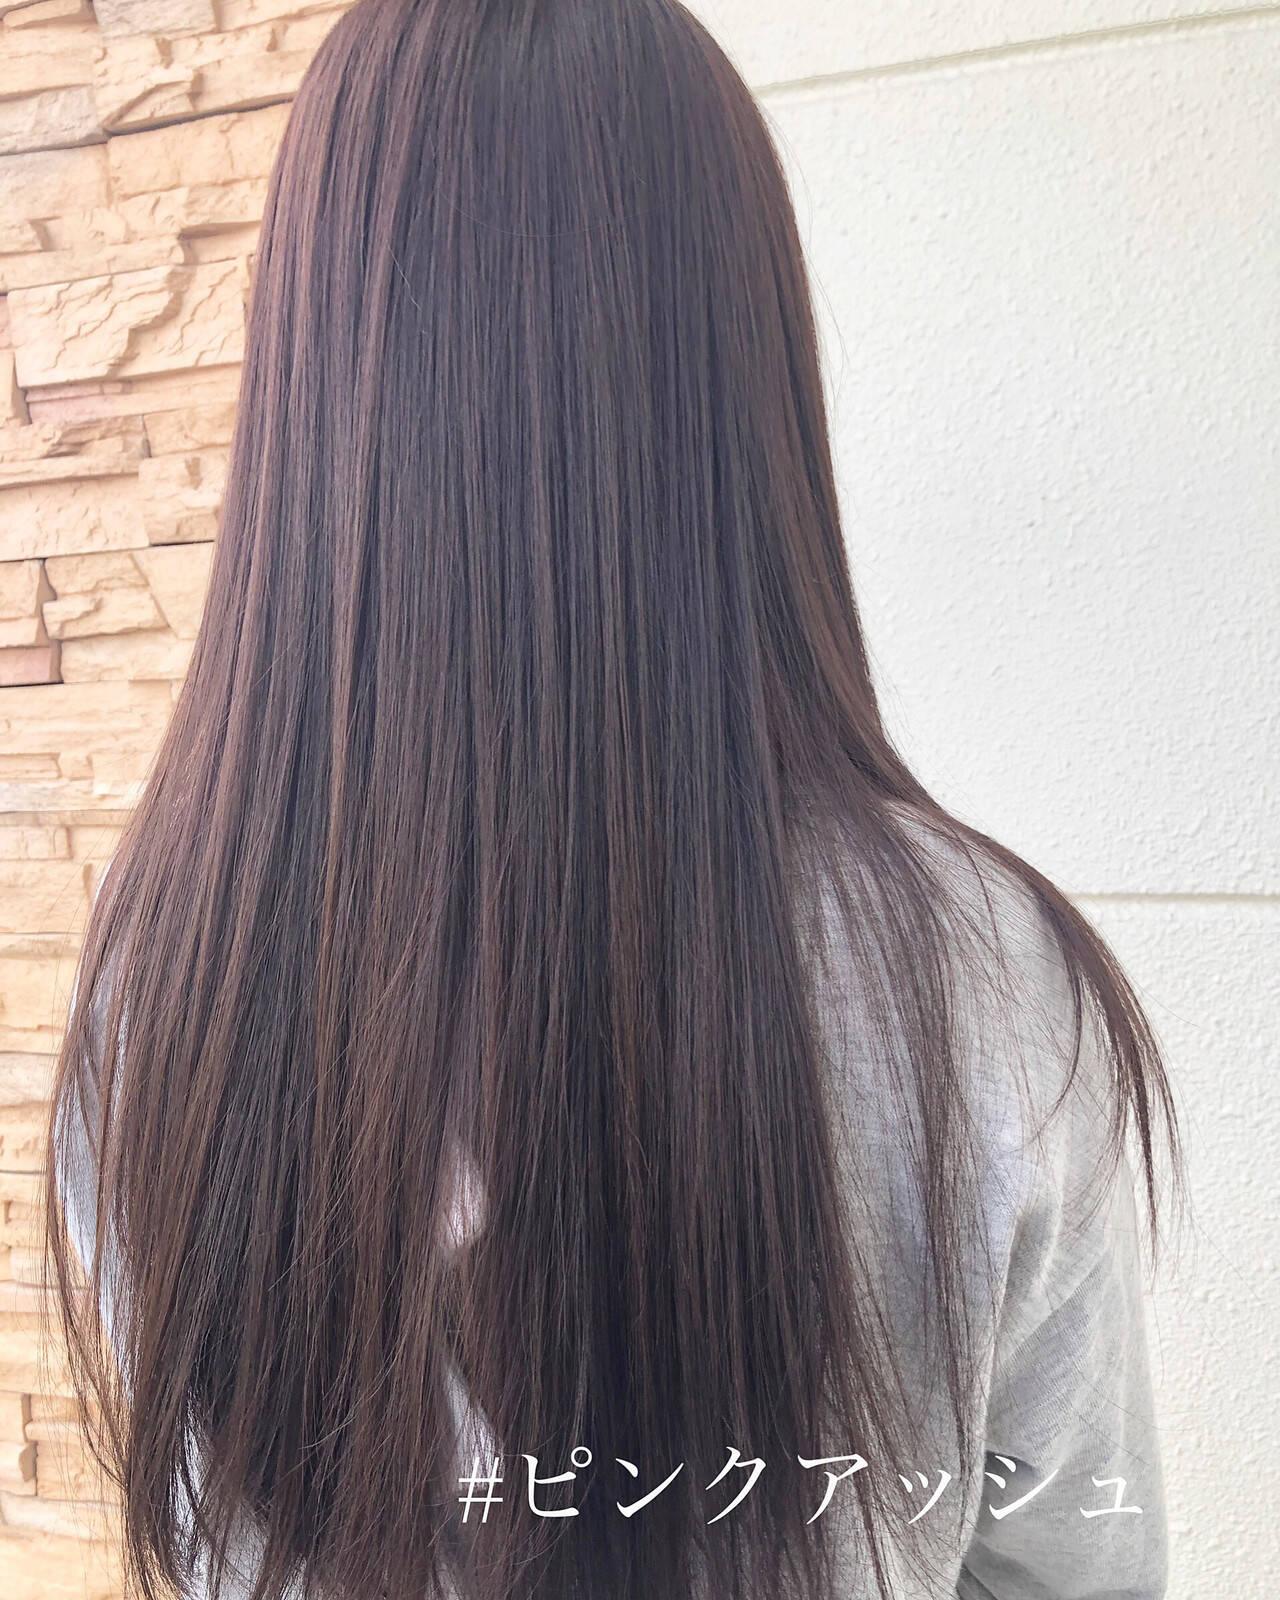 デート ピンクラベンダー ストレート ロングヘアスタイルや髪型の写真・画像